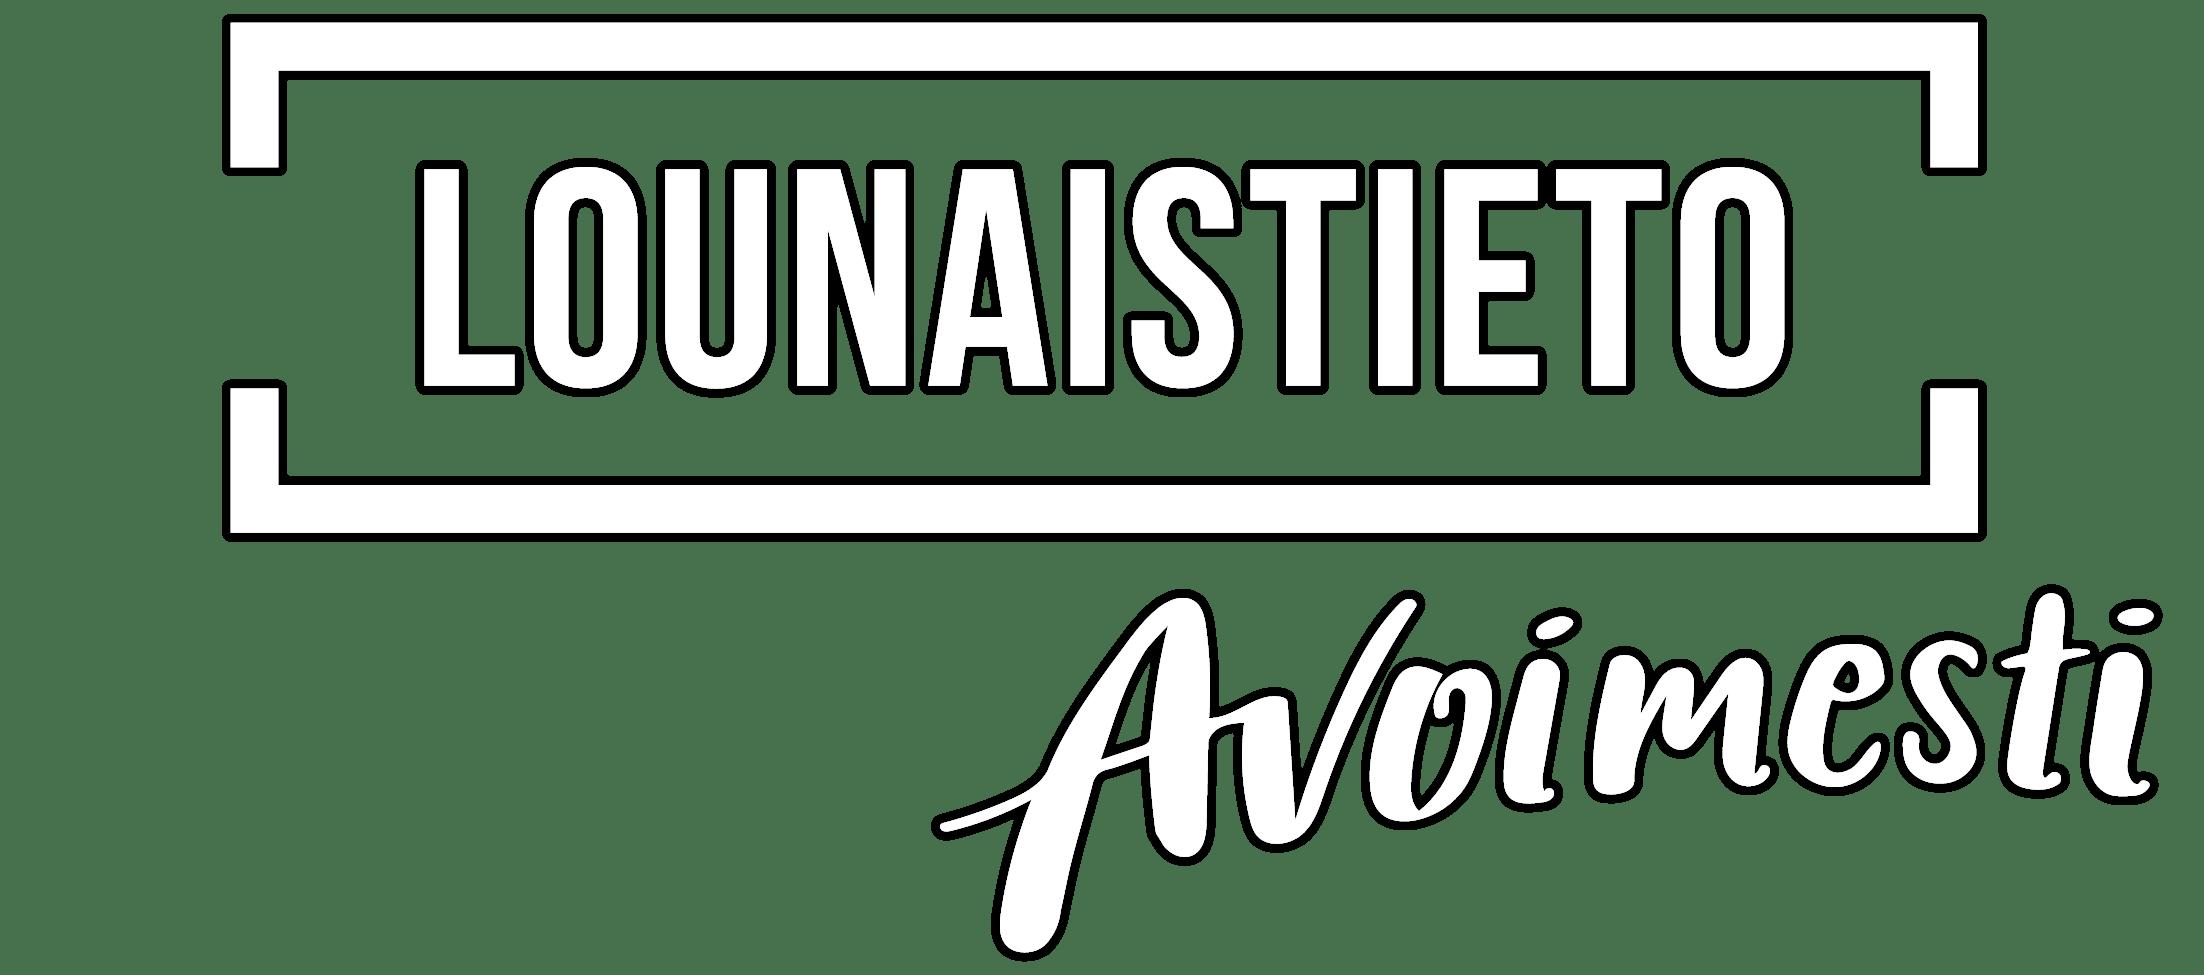 Lounaistieto - Avoimesti